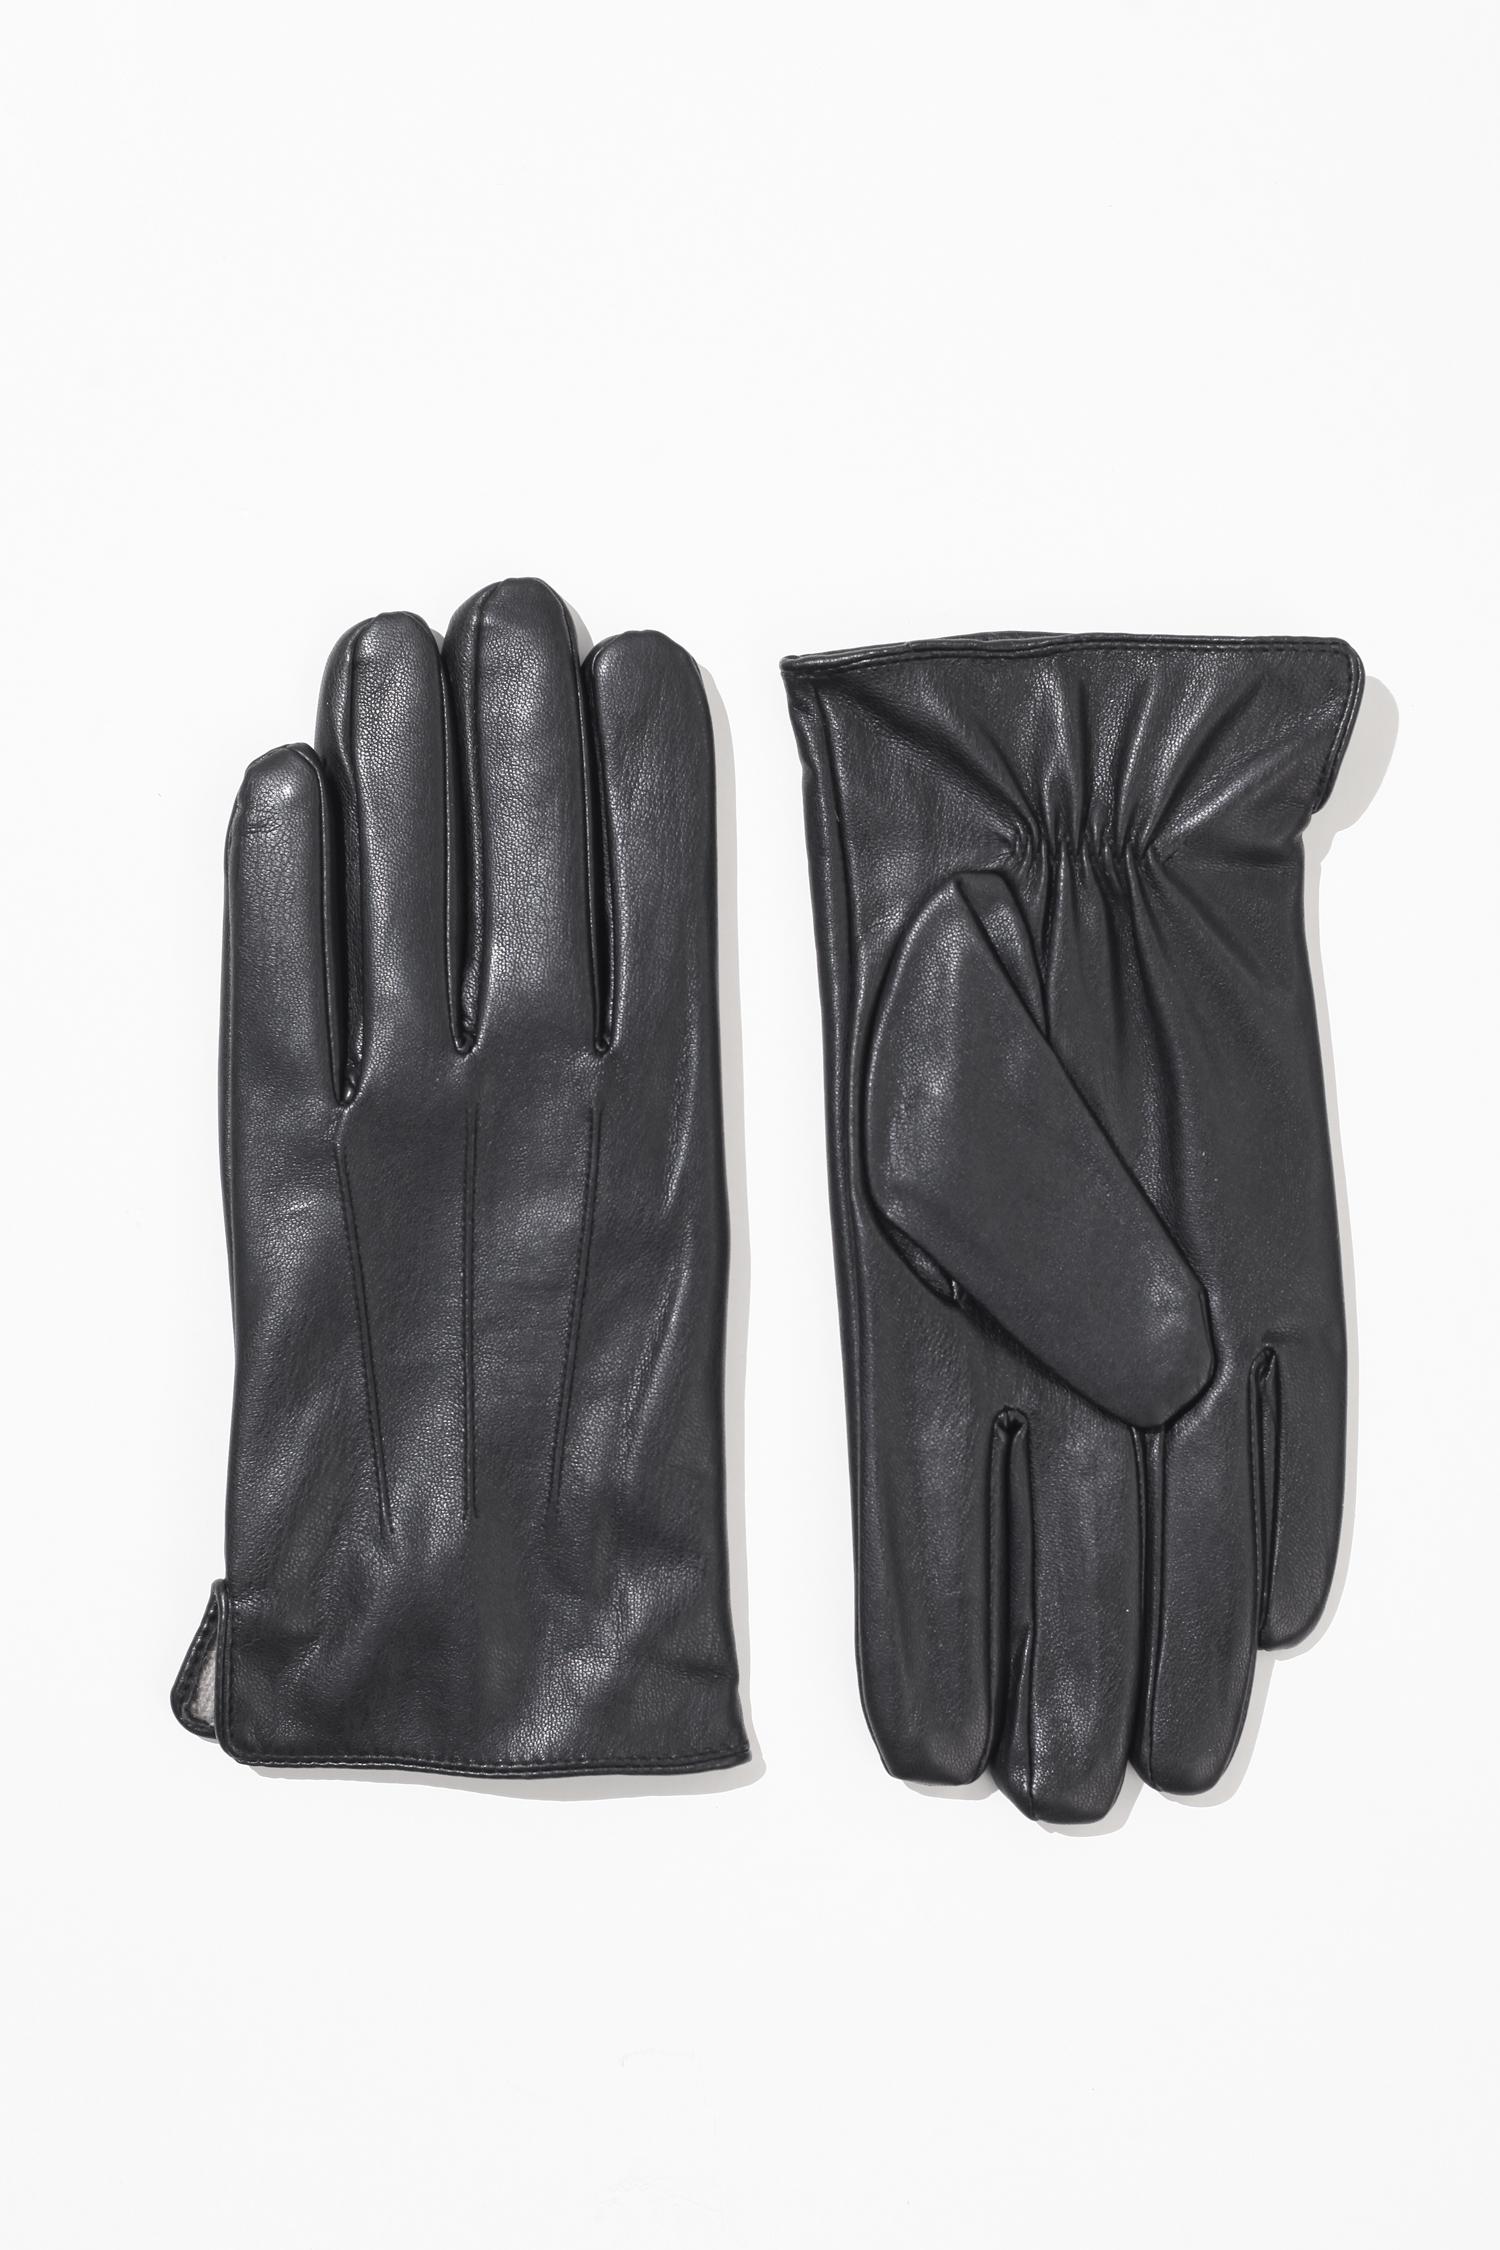 Перчатки мужские из натуральной кожи<br><br>Материал: Кожа<br>Цвет: Черный<br>Пол: Мужской